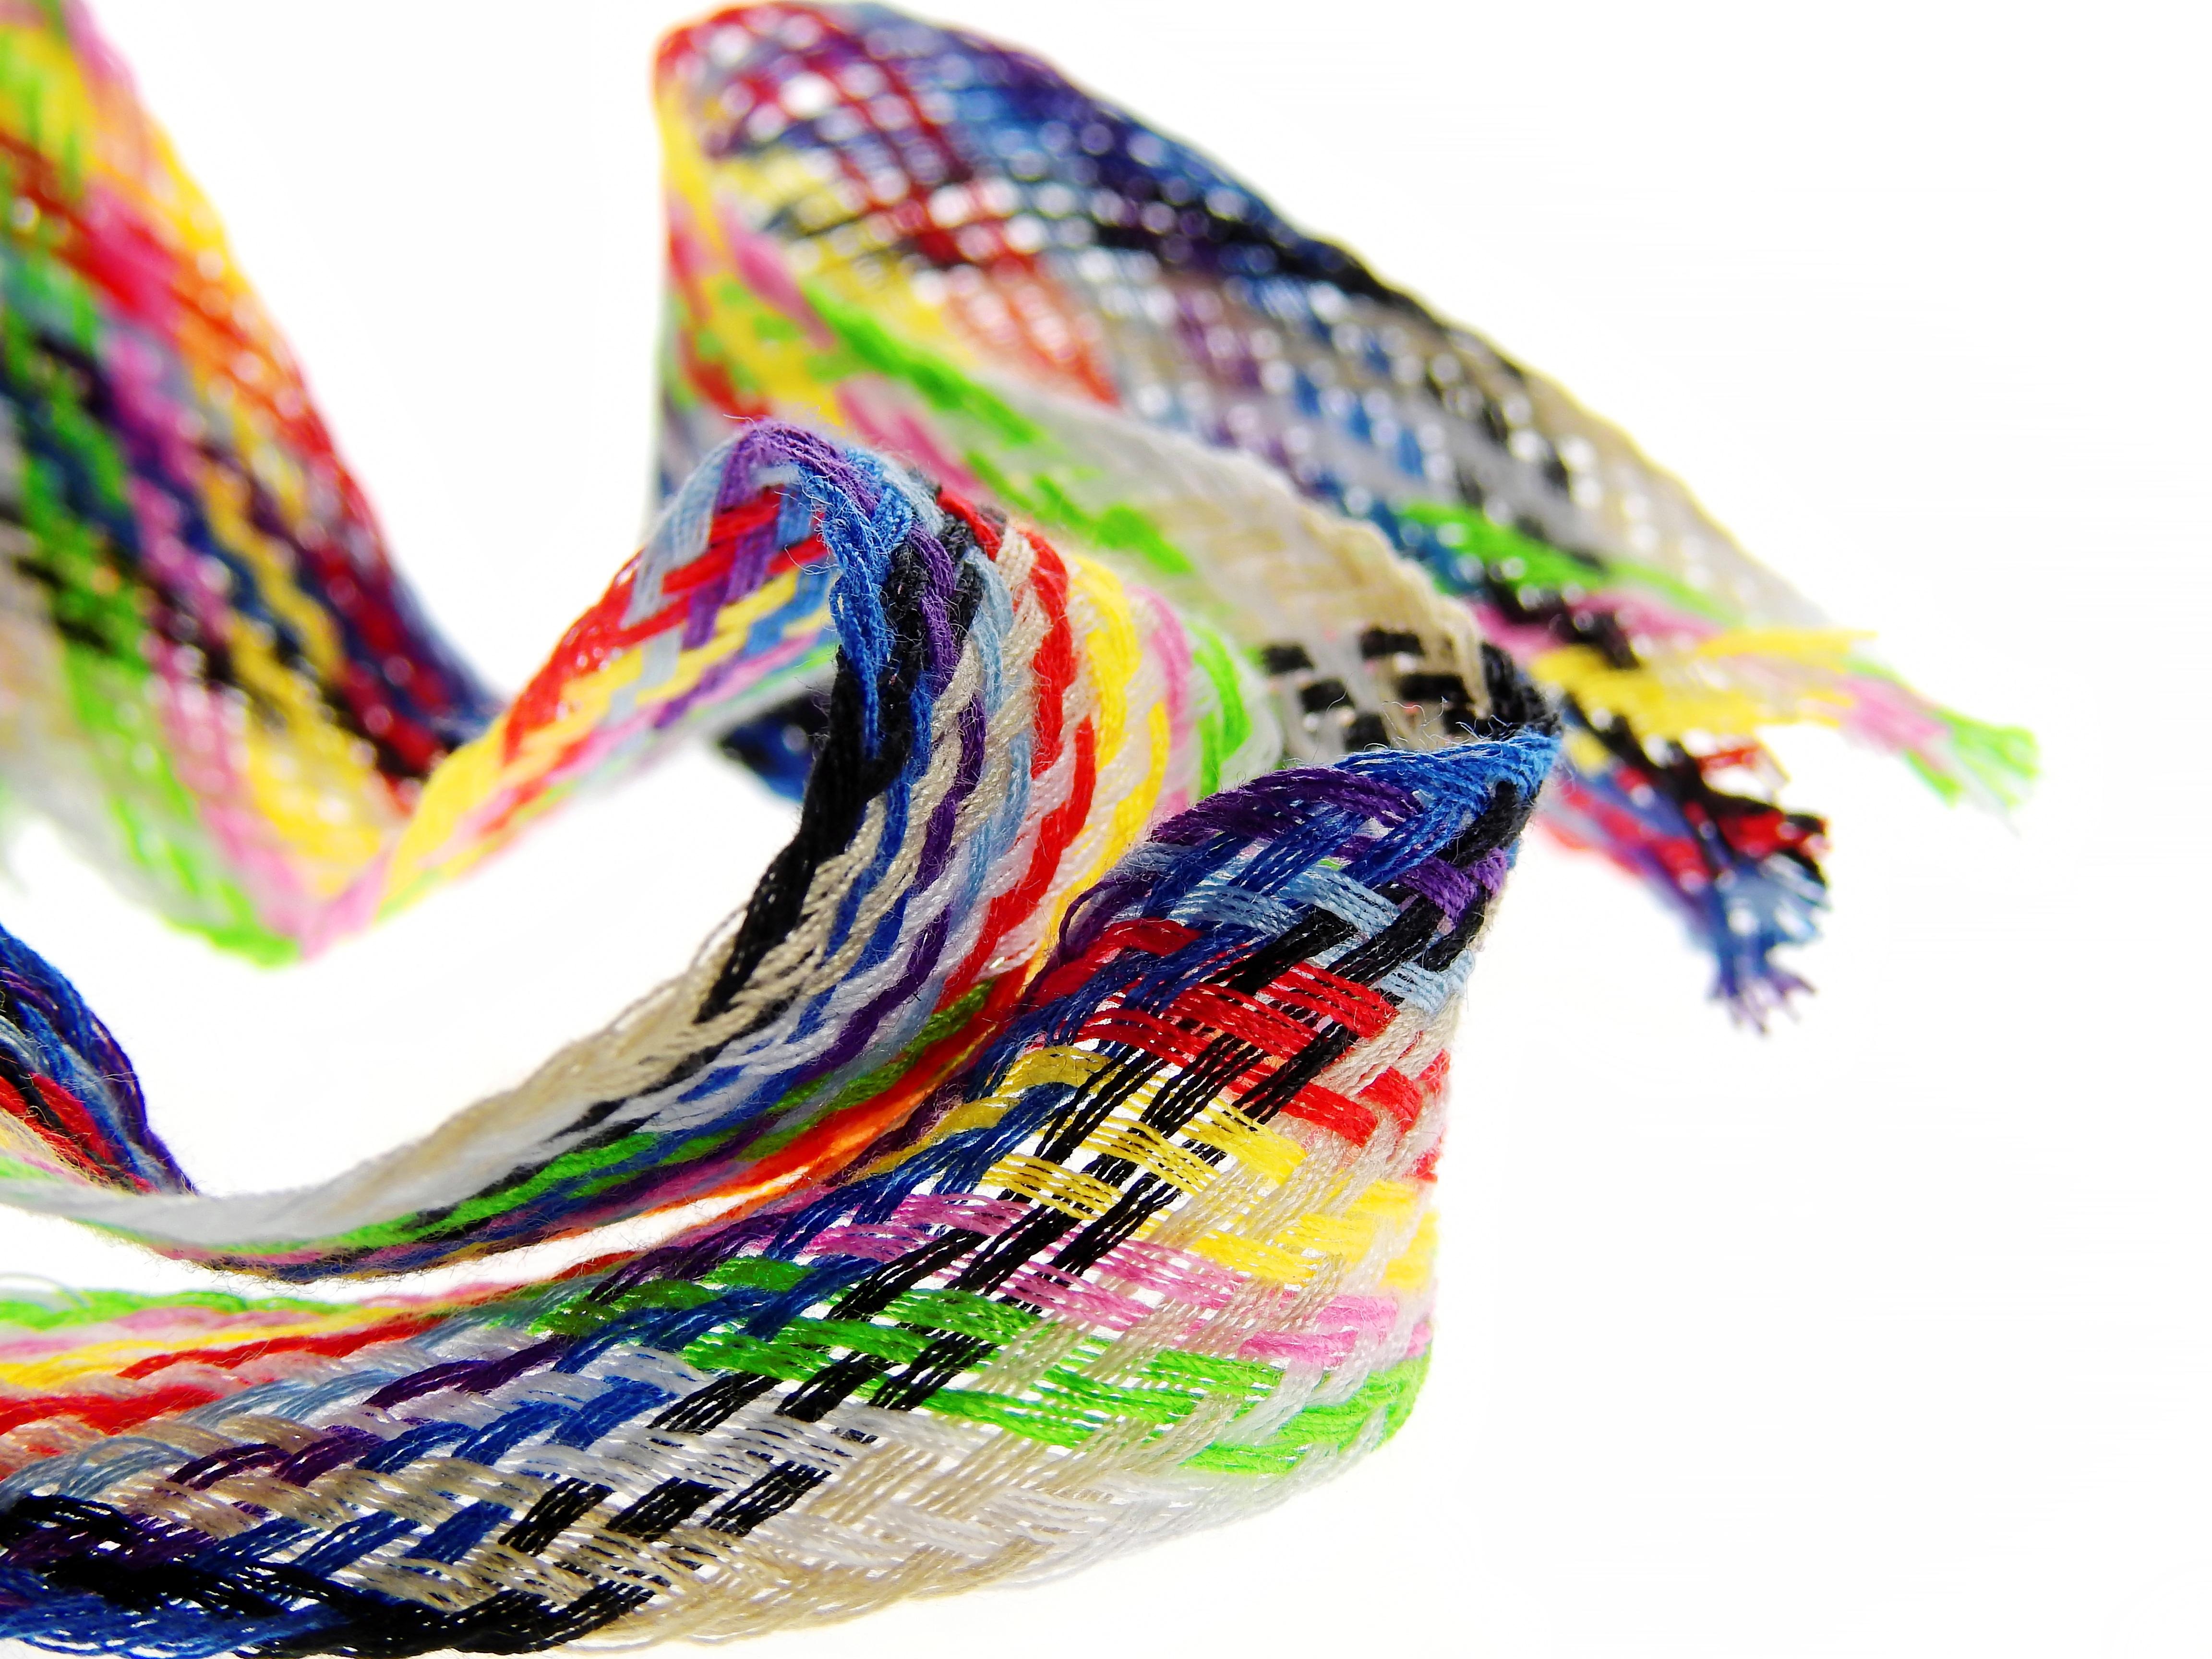 Fotos gratis : zapato, creativo, patrón, color, Moda, arte, ropa ...